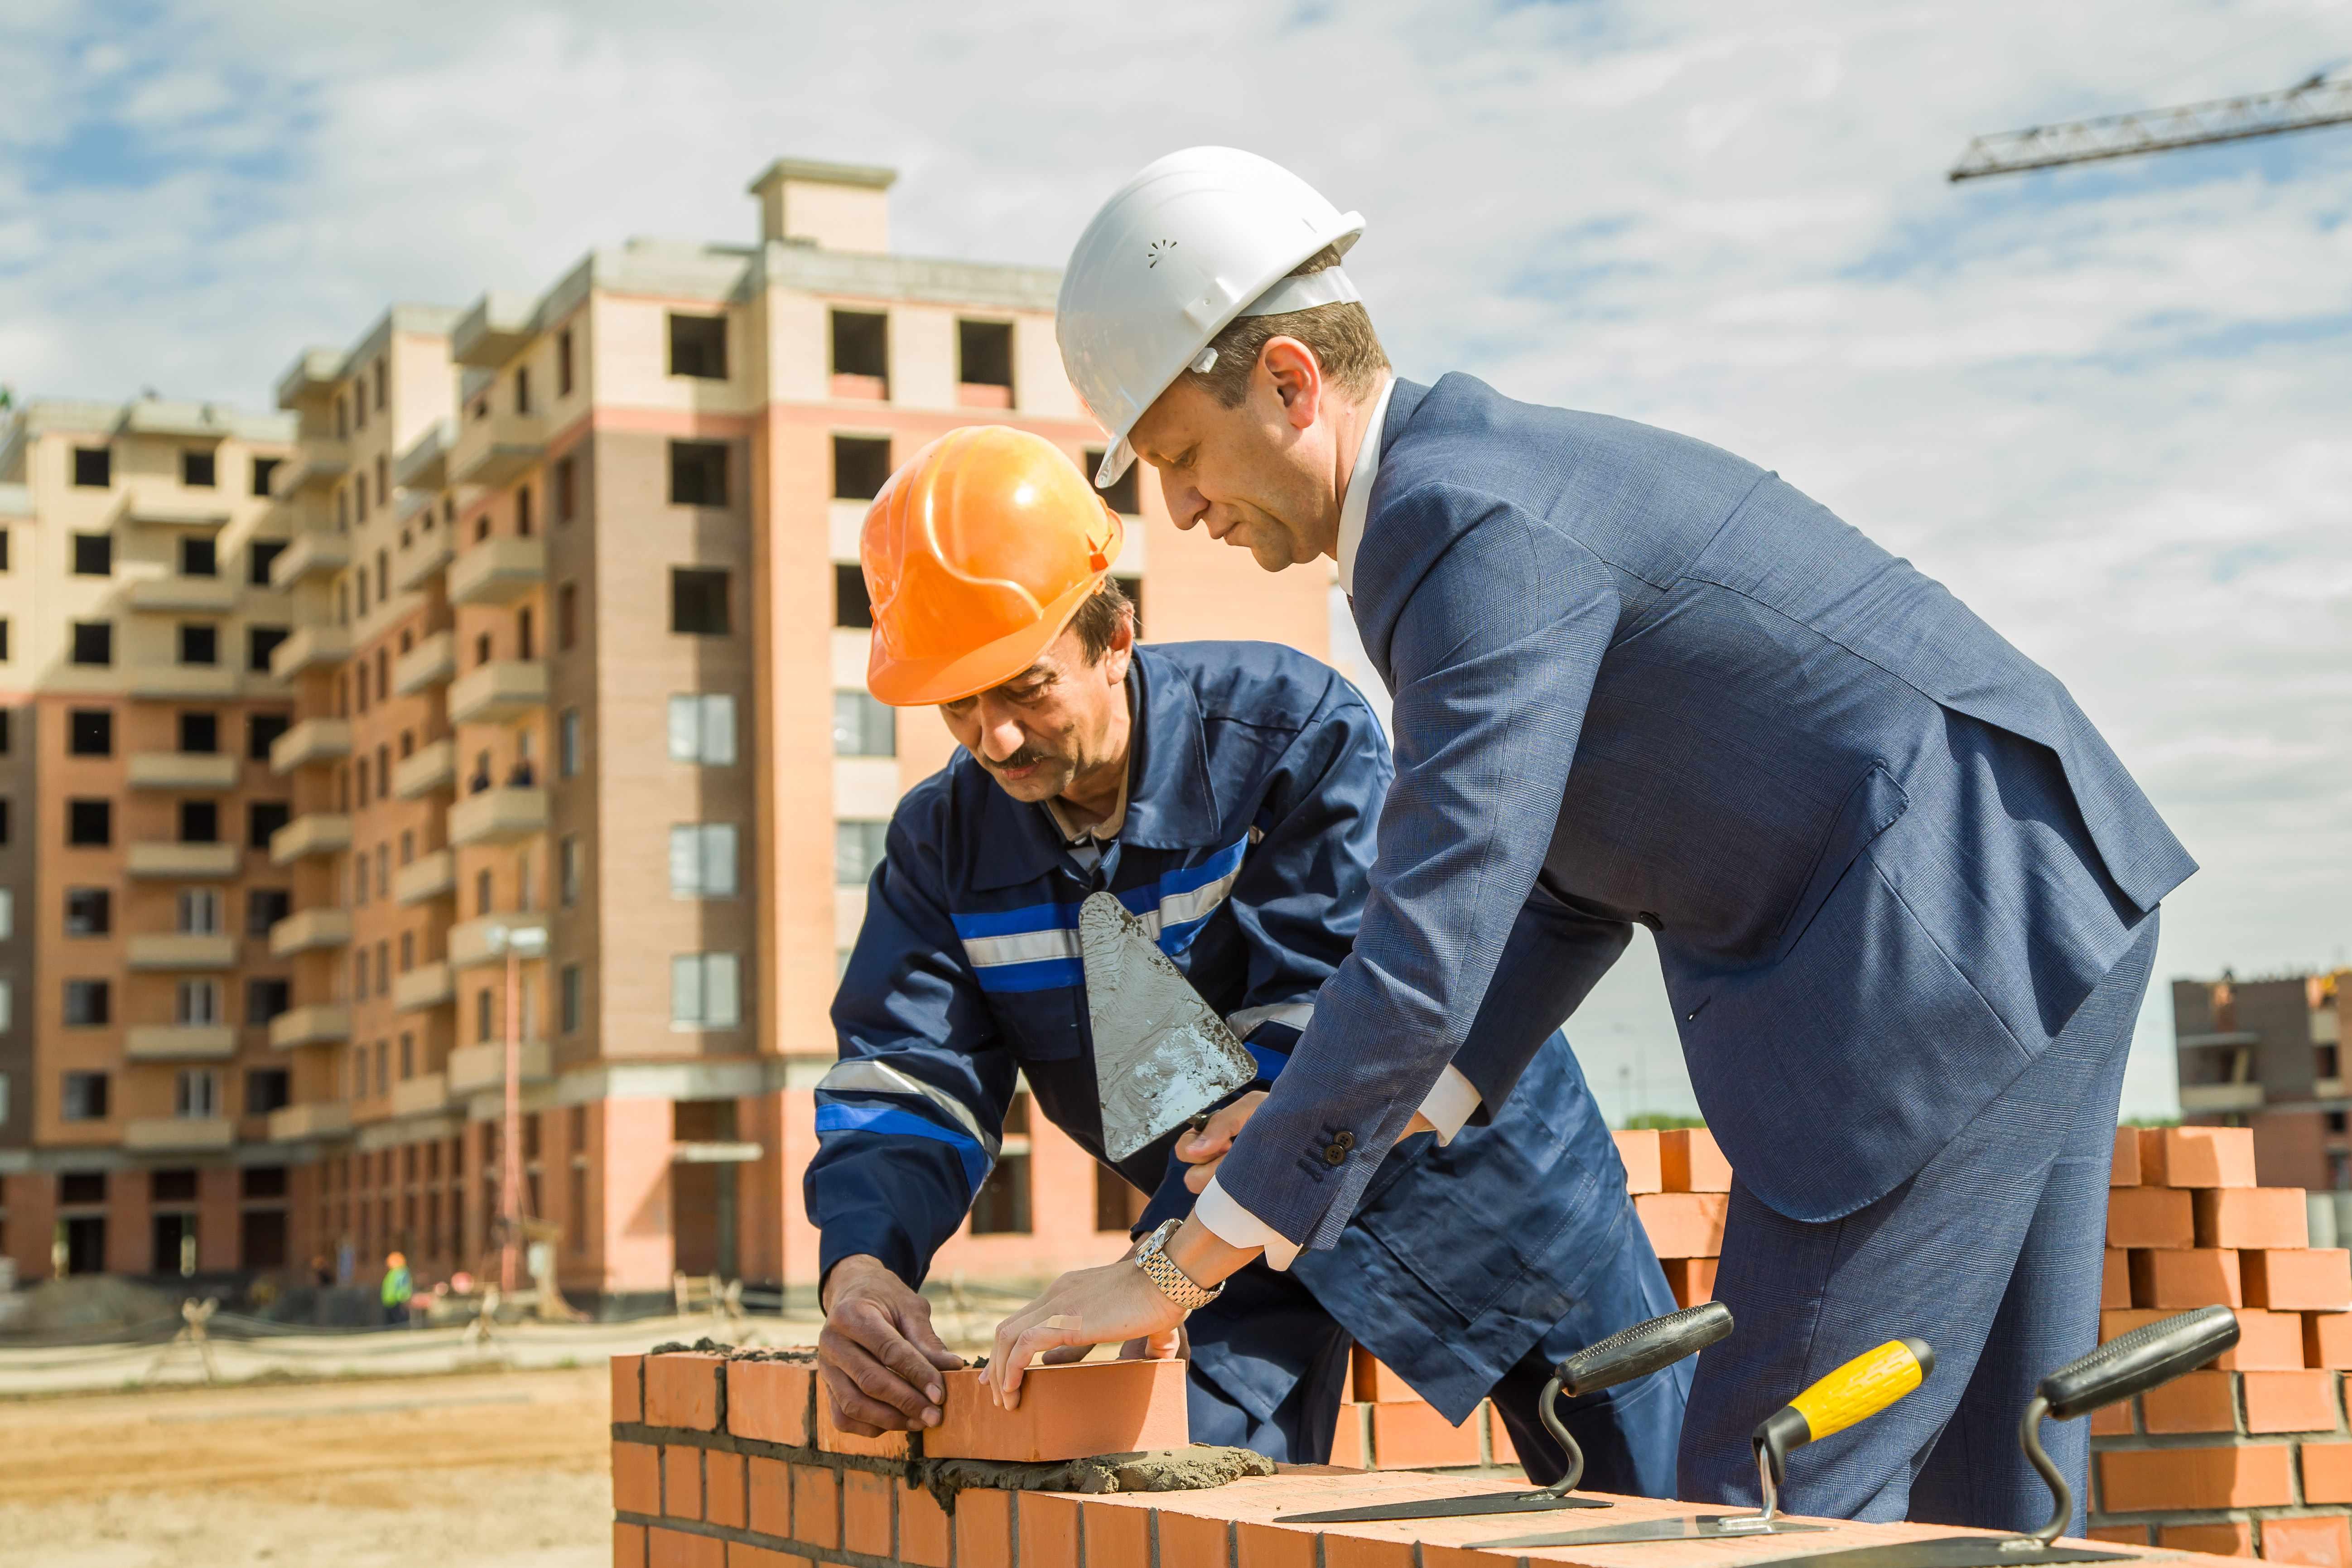 Представитель профессии в обязательном порядке должен хорошо владеть одной из профессиональных рабочих профессий: каменщик, плиточник, маляр или другие направления